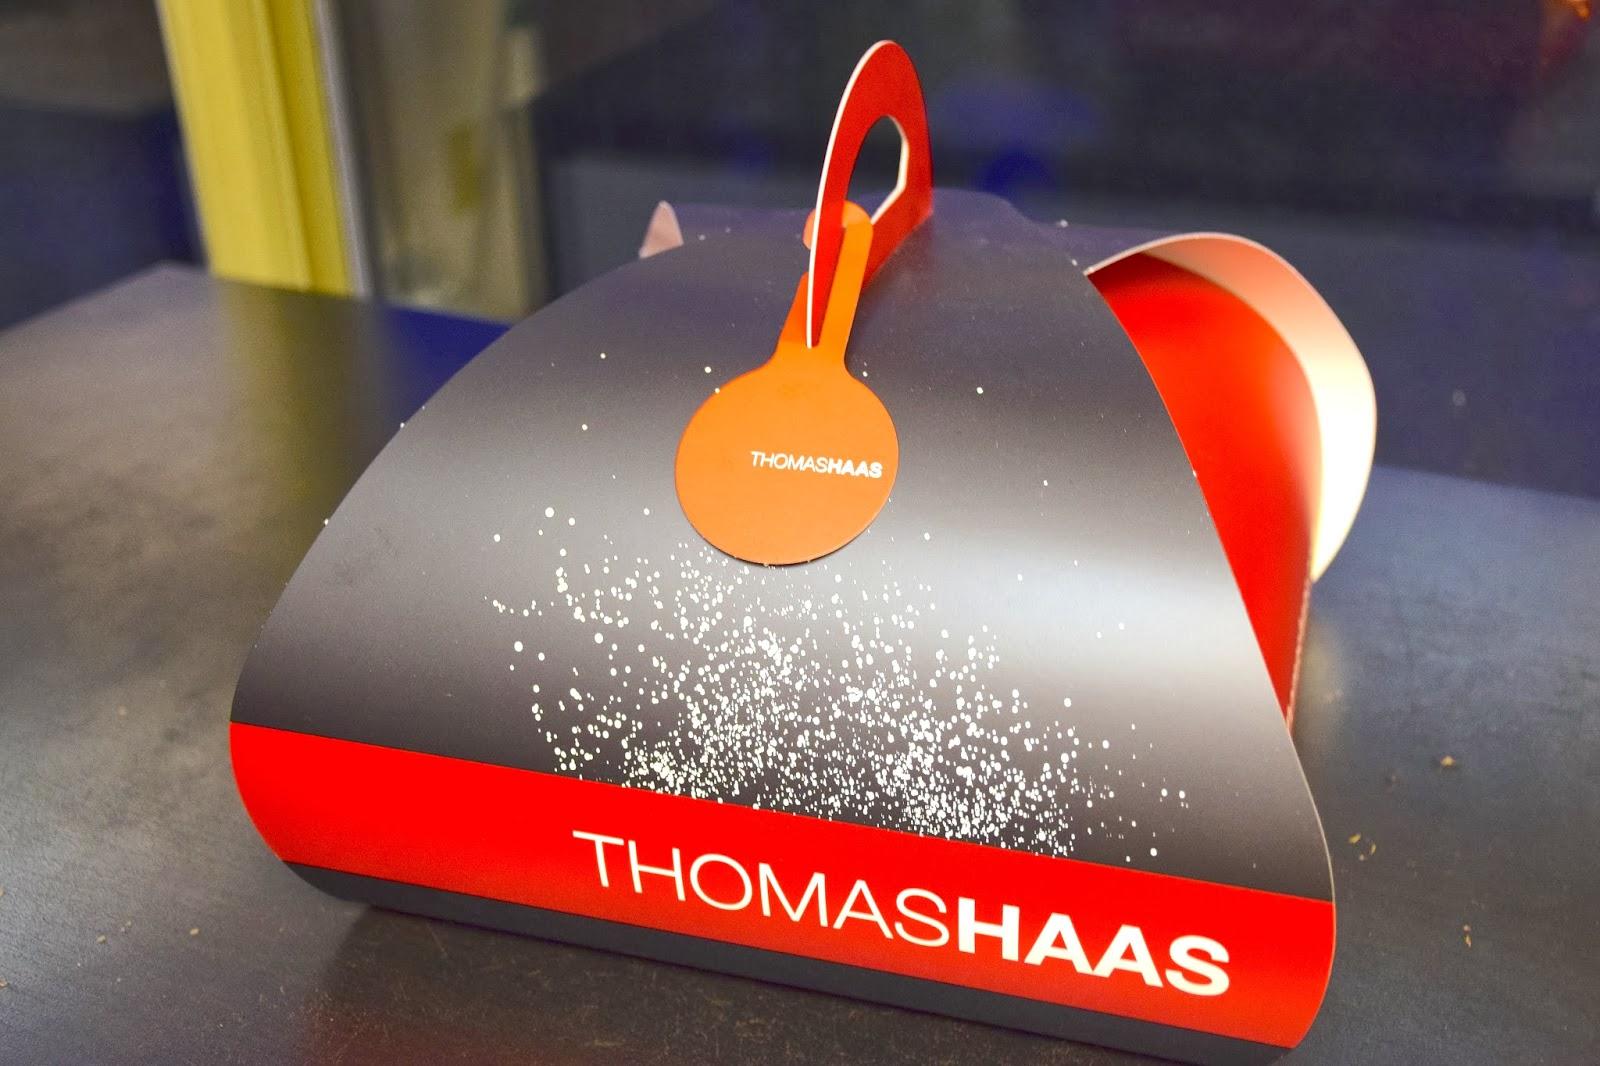 Thomas Haas Birthday Cakes